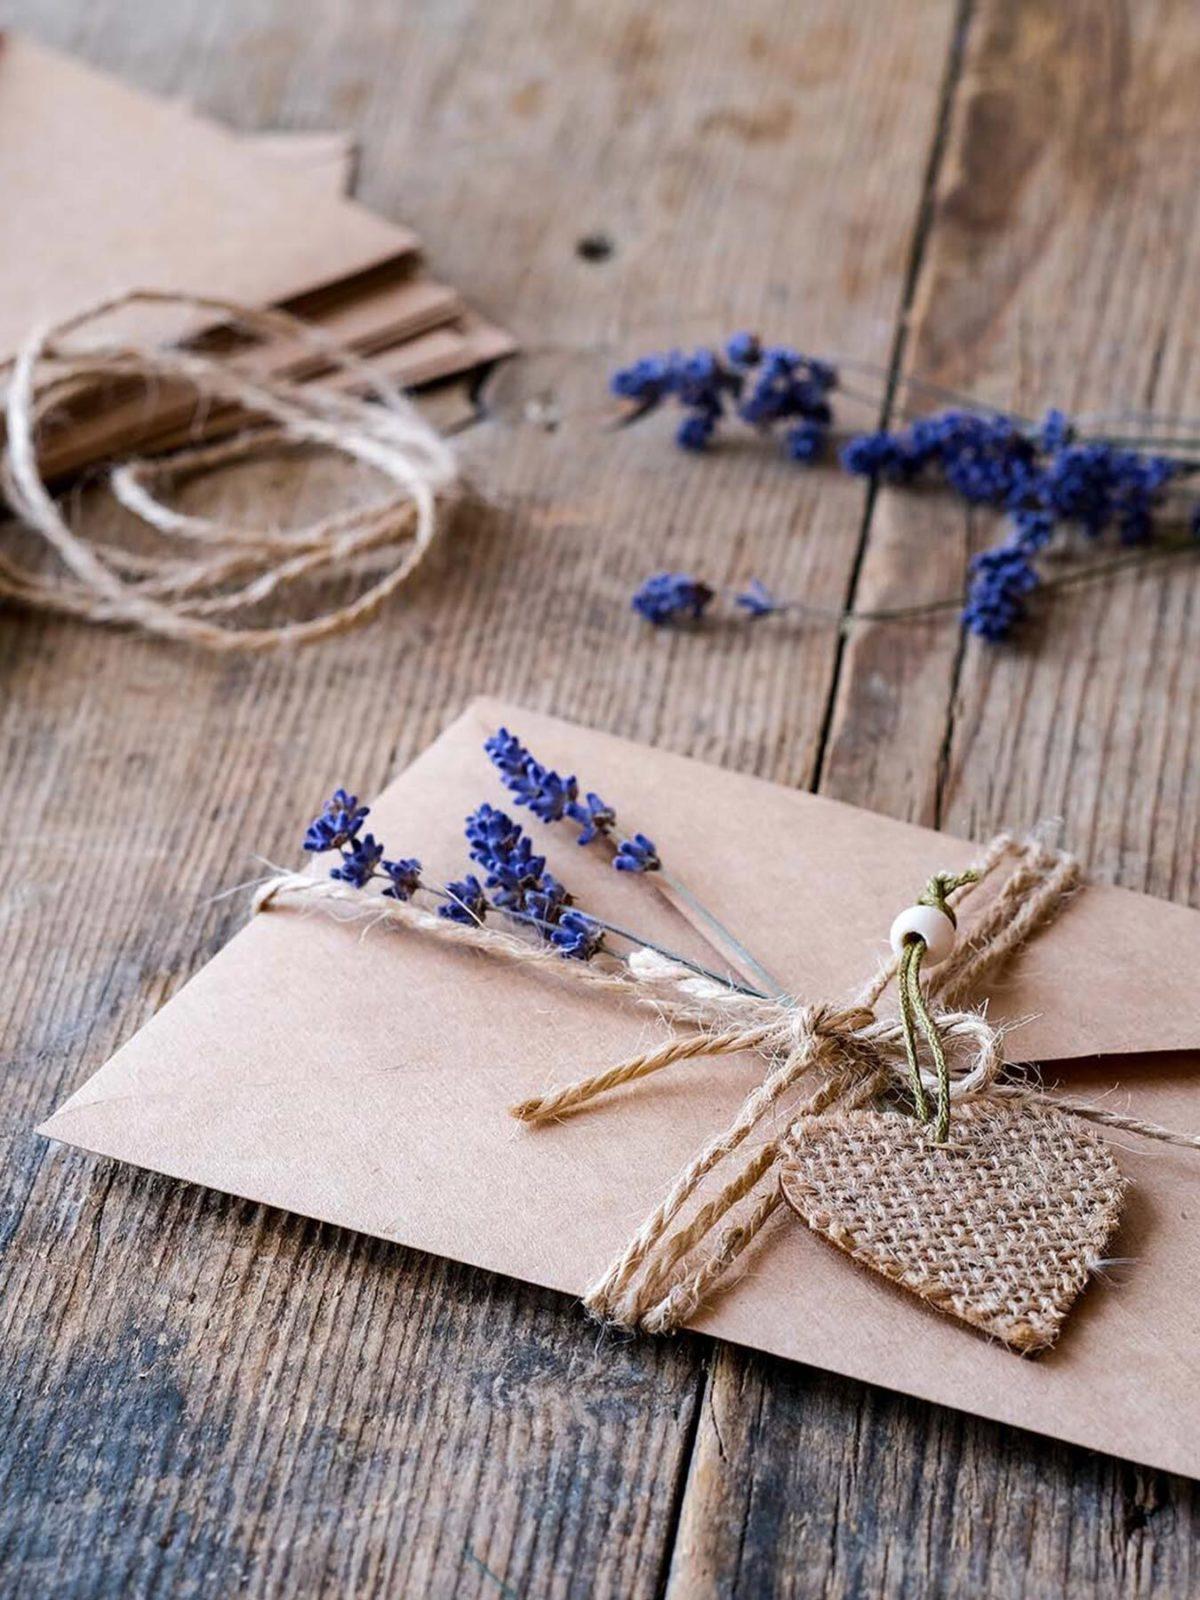 Ein Geschenk-Gutschein ist in einen Umschlag verpackt, der mit einem Anhänger und Lavendel zugebunden wurde, auch im Hintergrund liegen Briefe und Lavendel